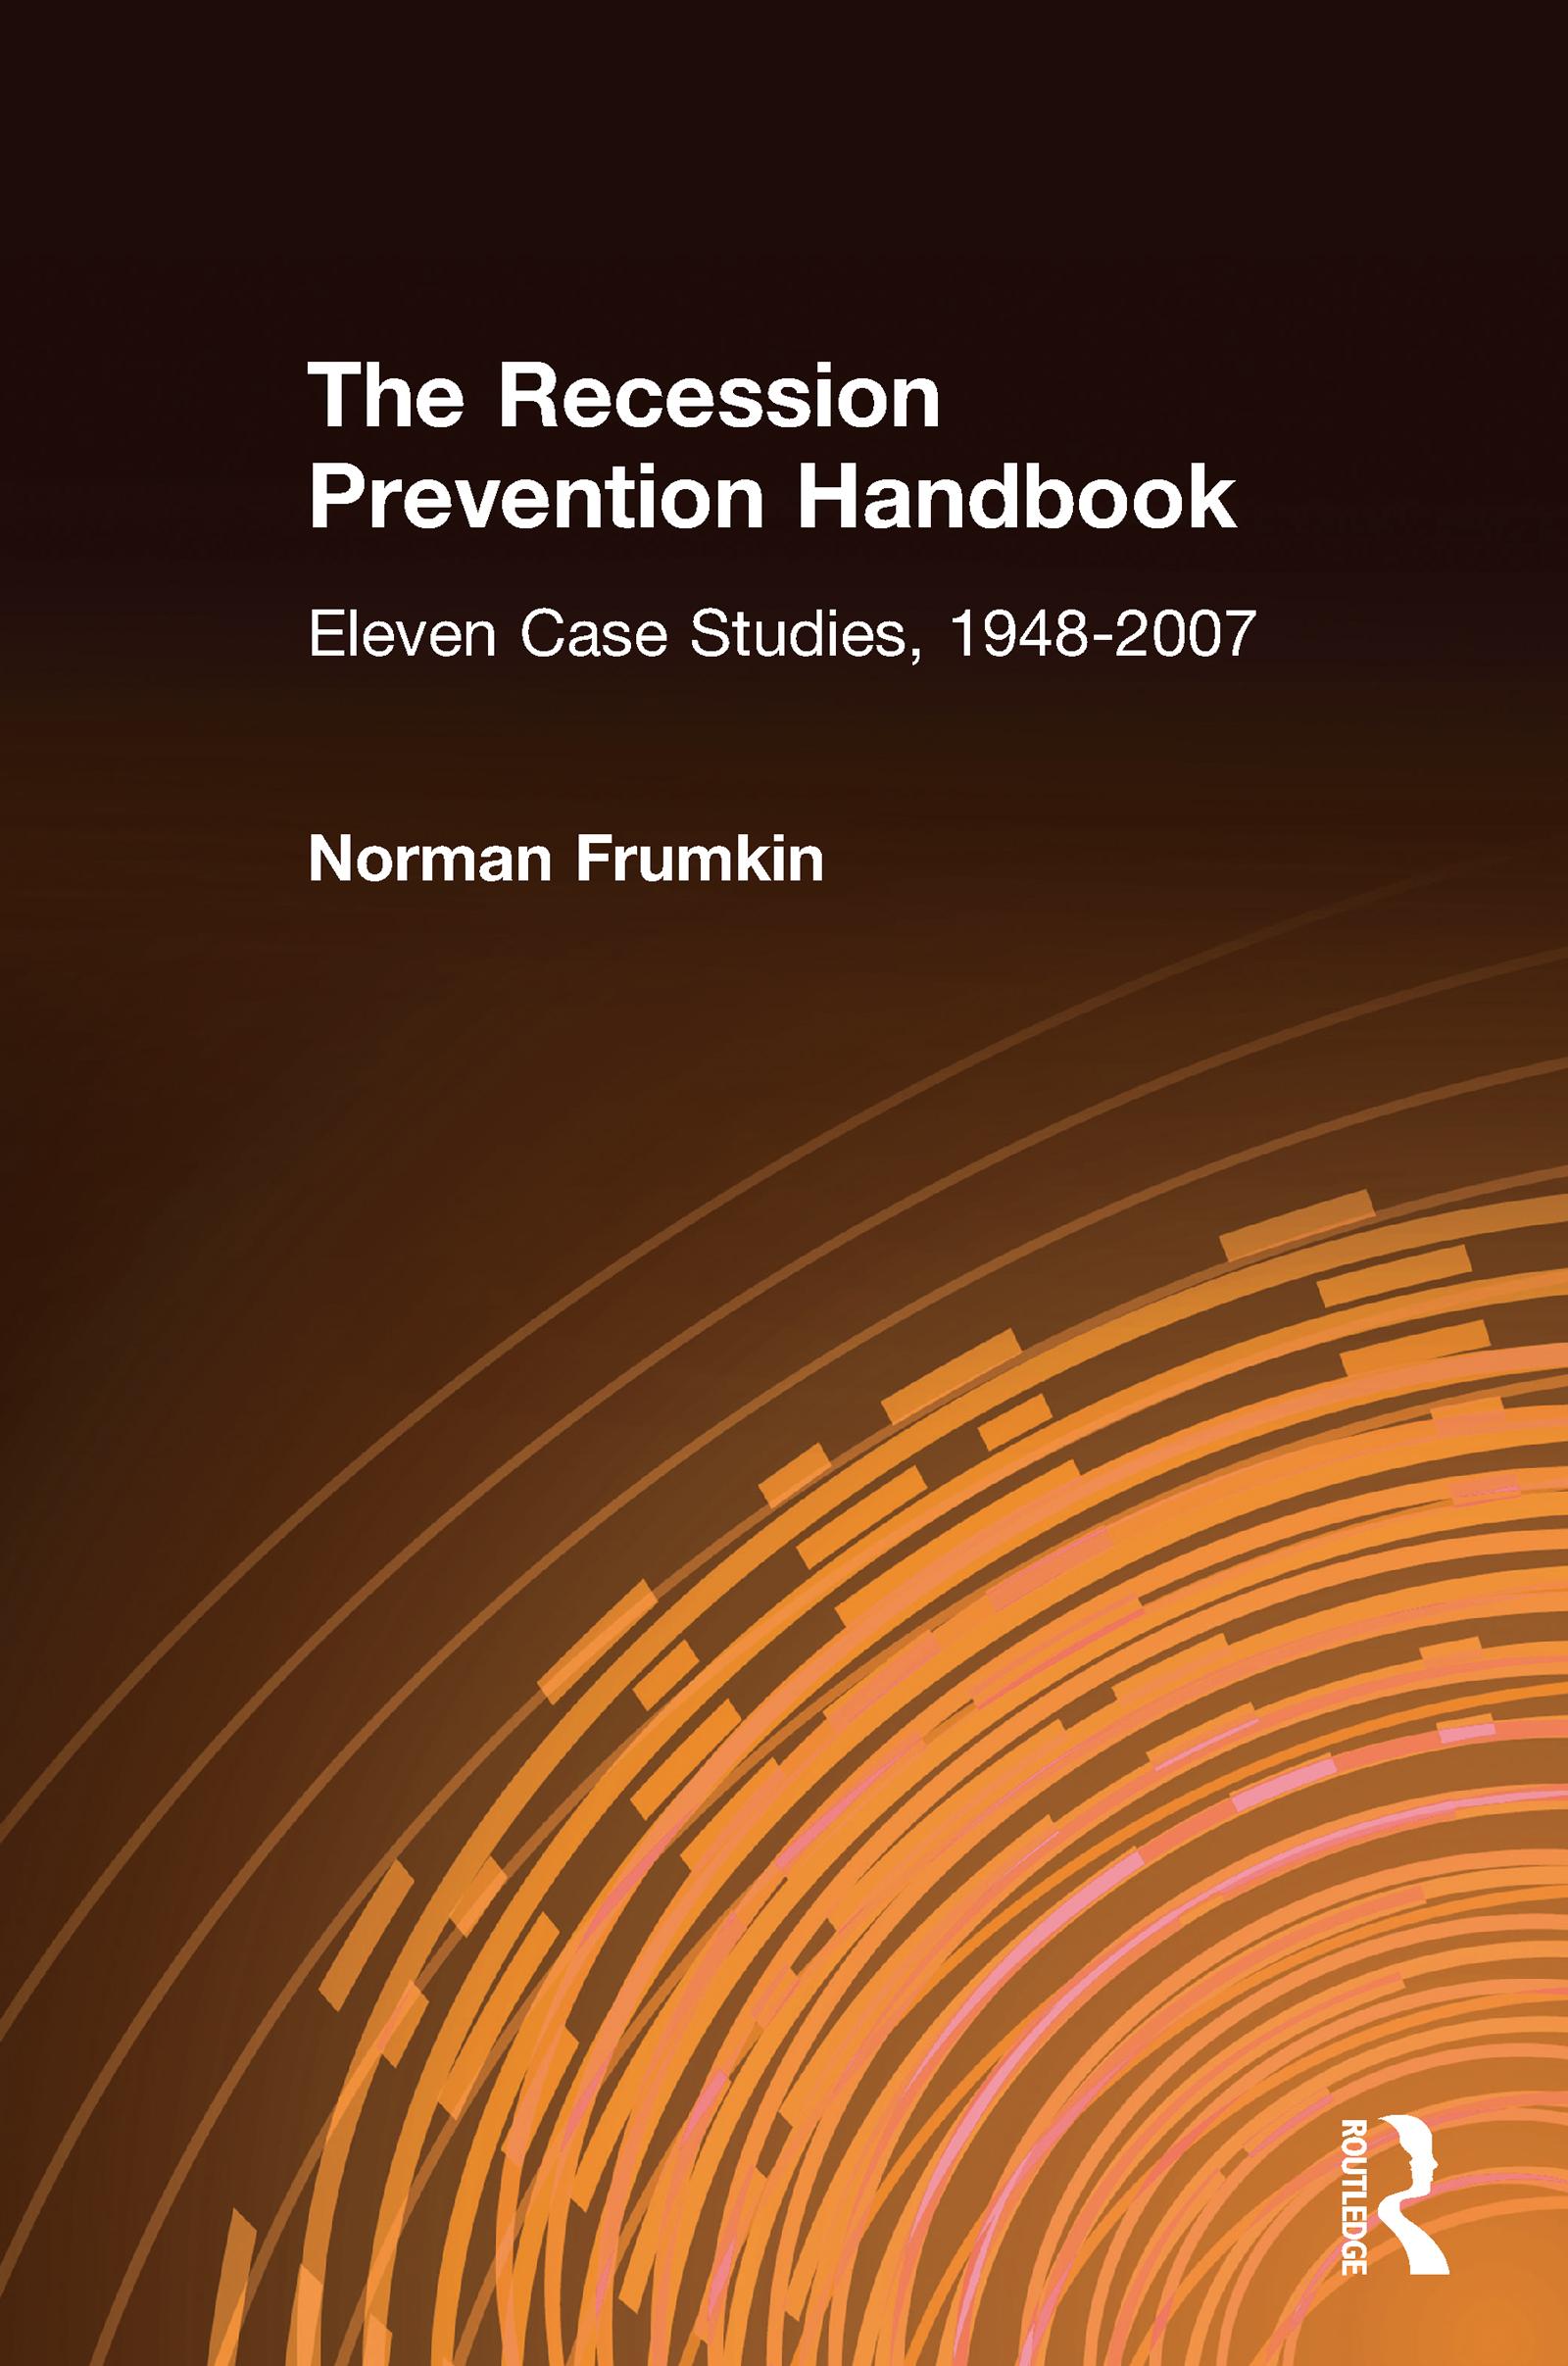 The Recession Prevention Handbook: Eleven Case Studies, 1948-2007: Eleven Case Studies, 1948-2007, 1st Edition (Hardback) book cover